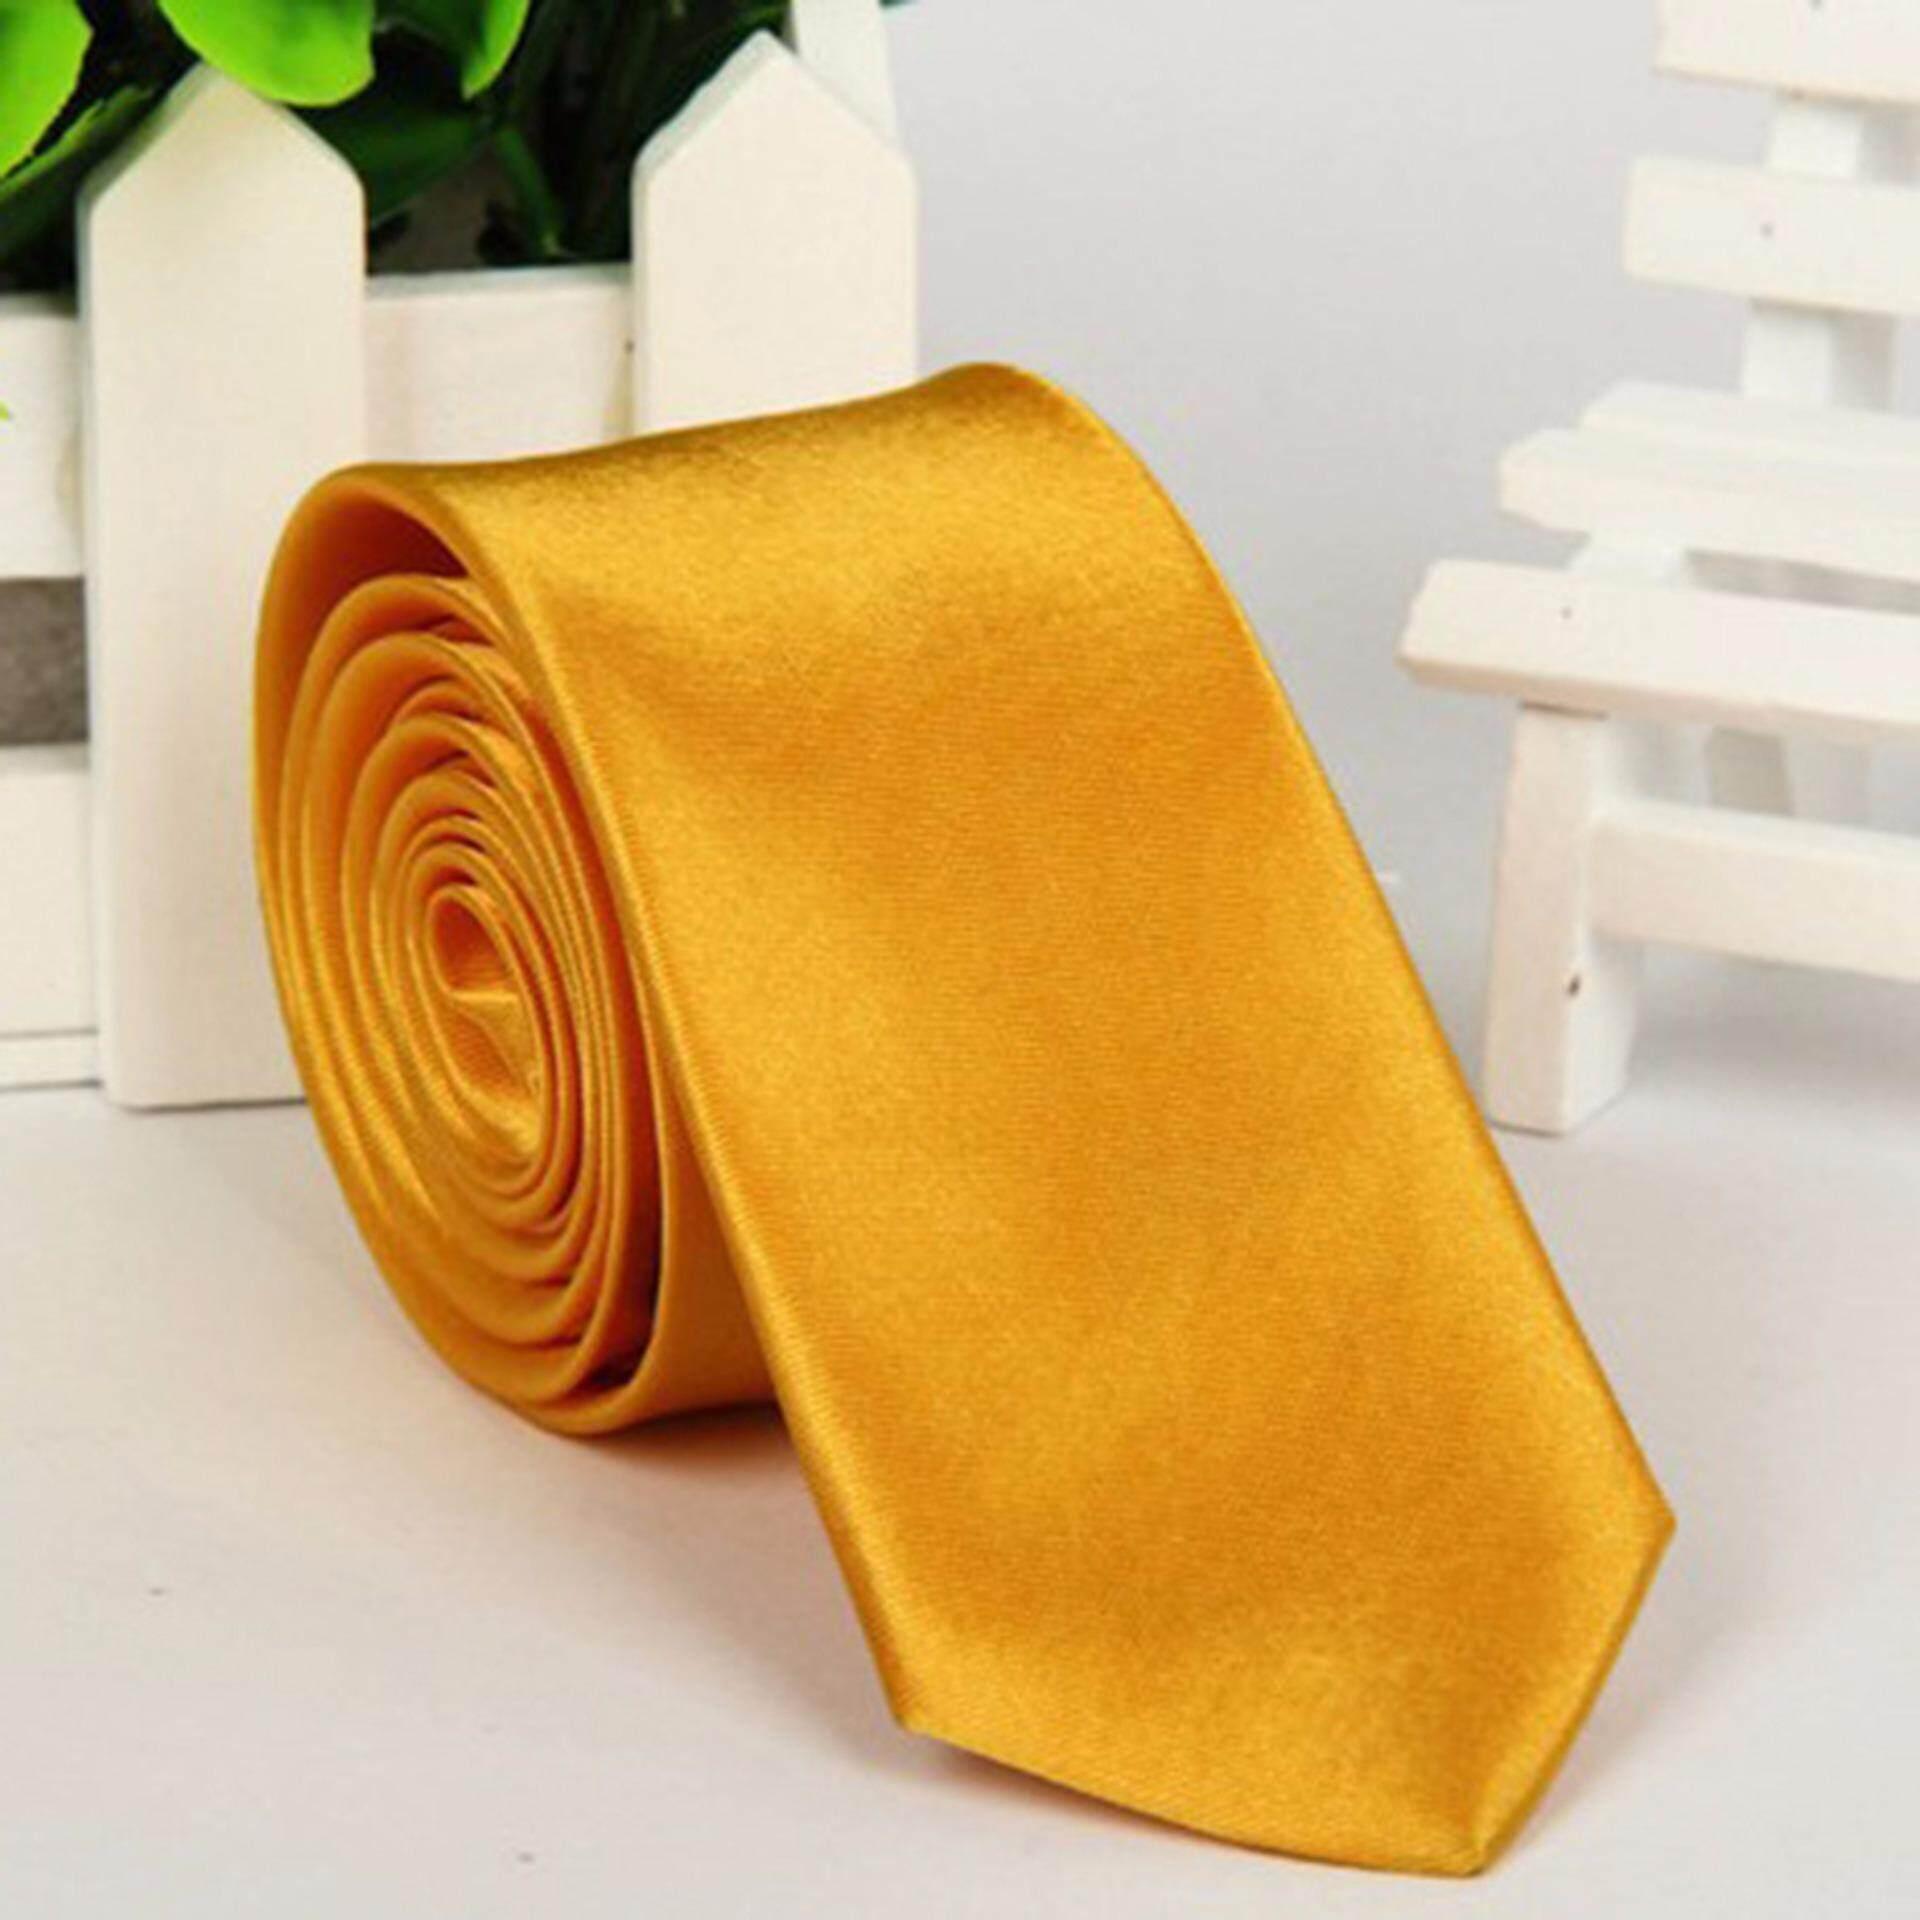 คลาสสิกธรรมดา 22 สี Jacquard ทอผ้าไหมผสมผู้ชาย Tie เนคไท By Colorful Heart.